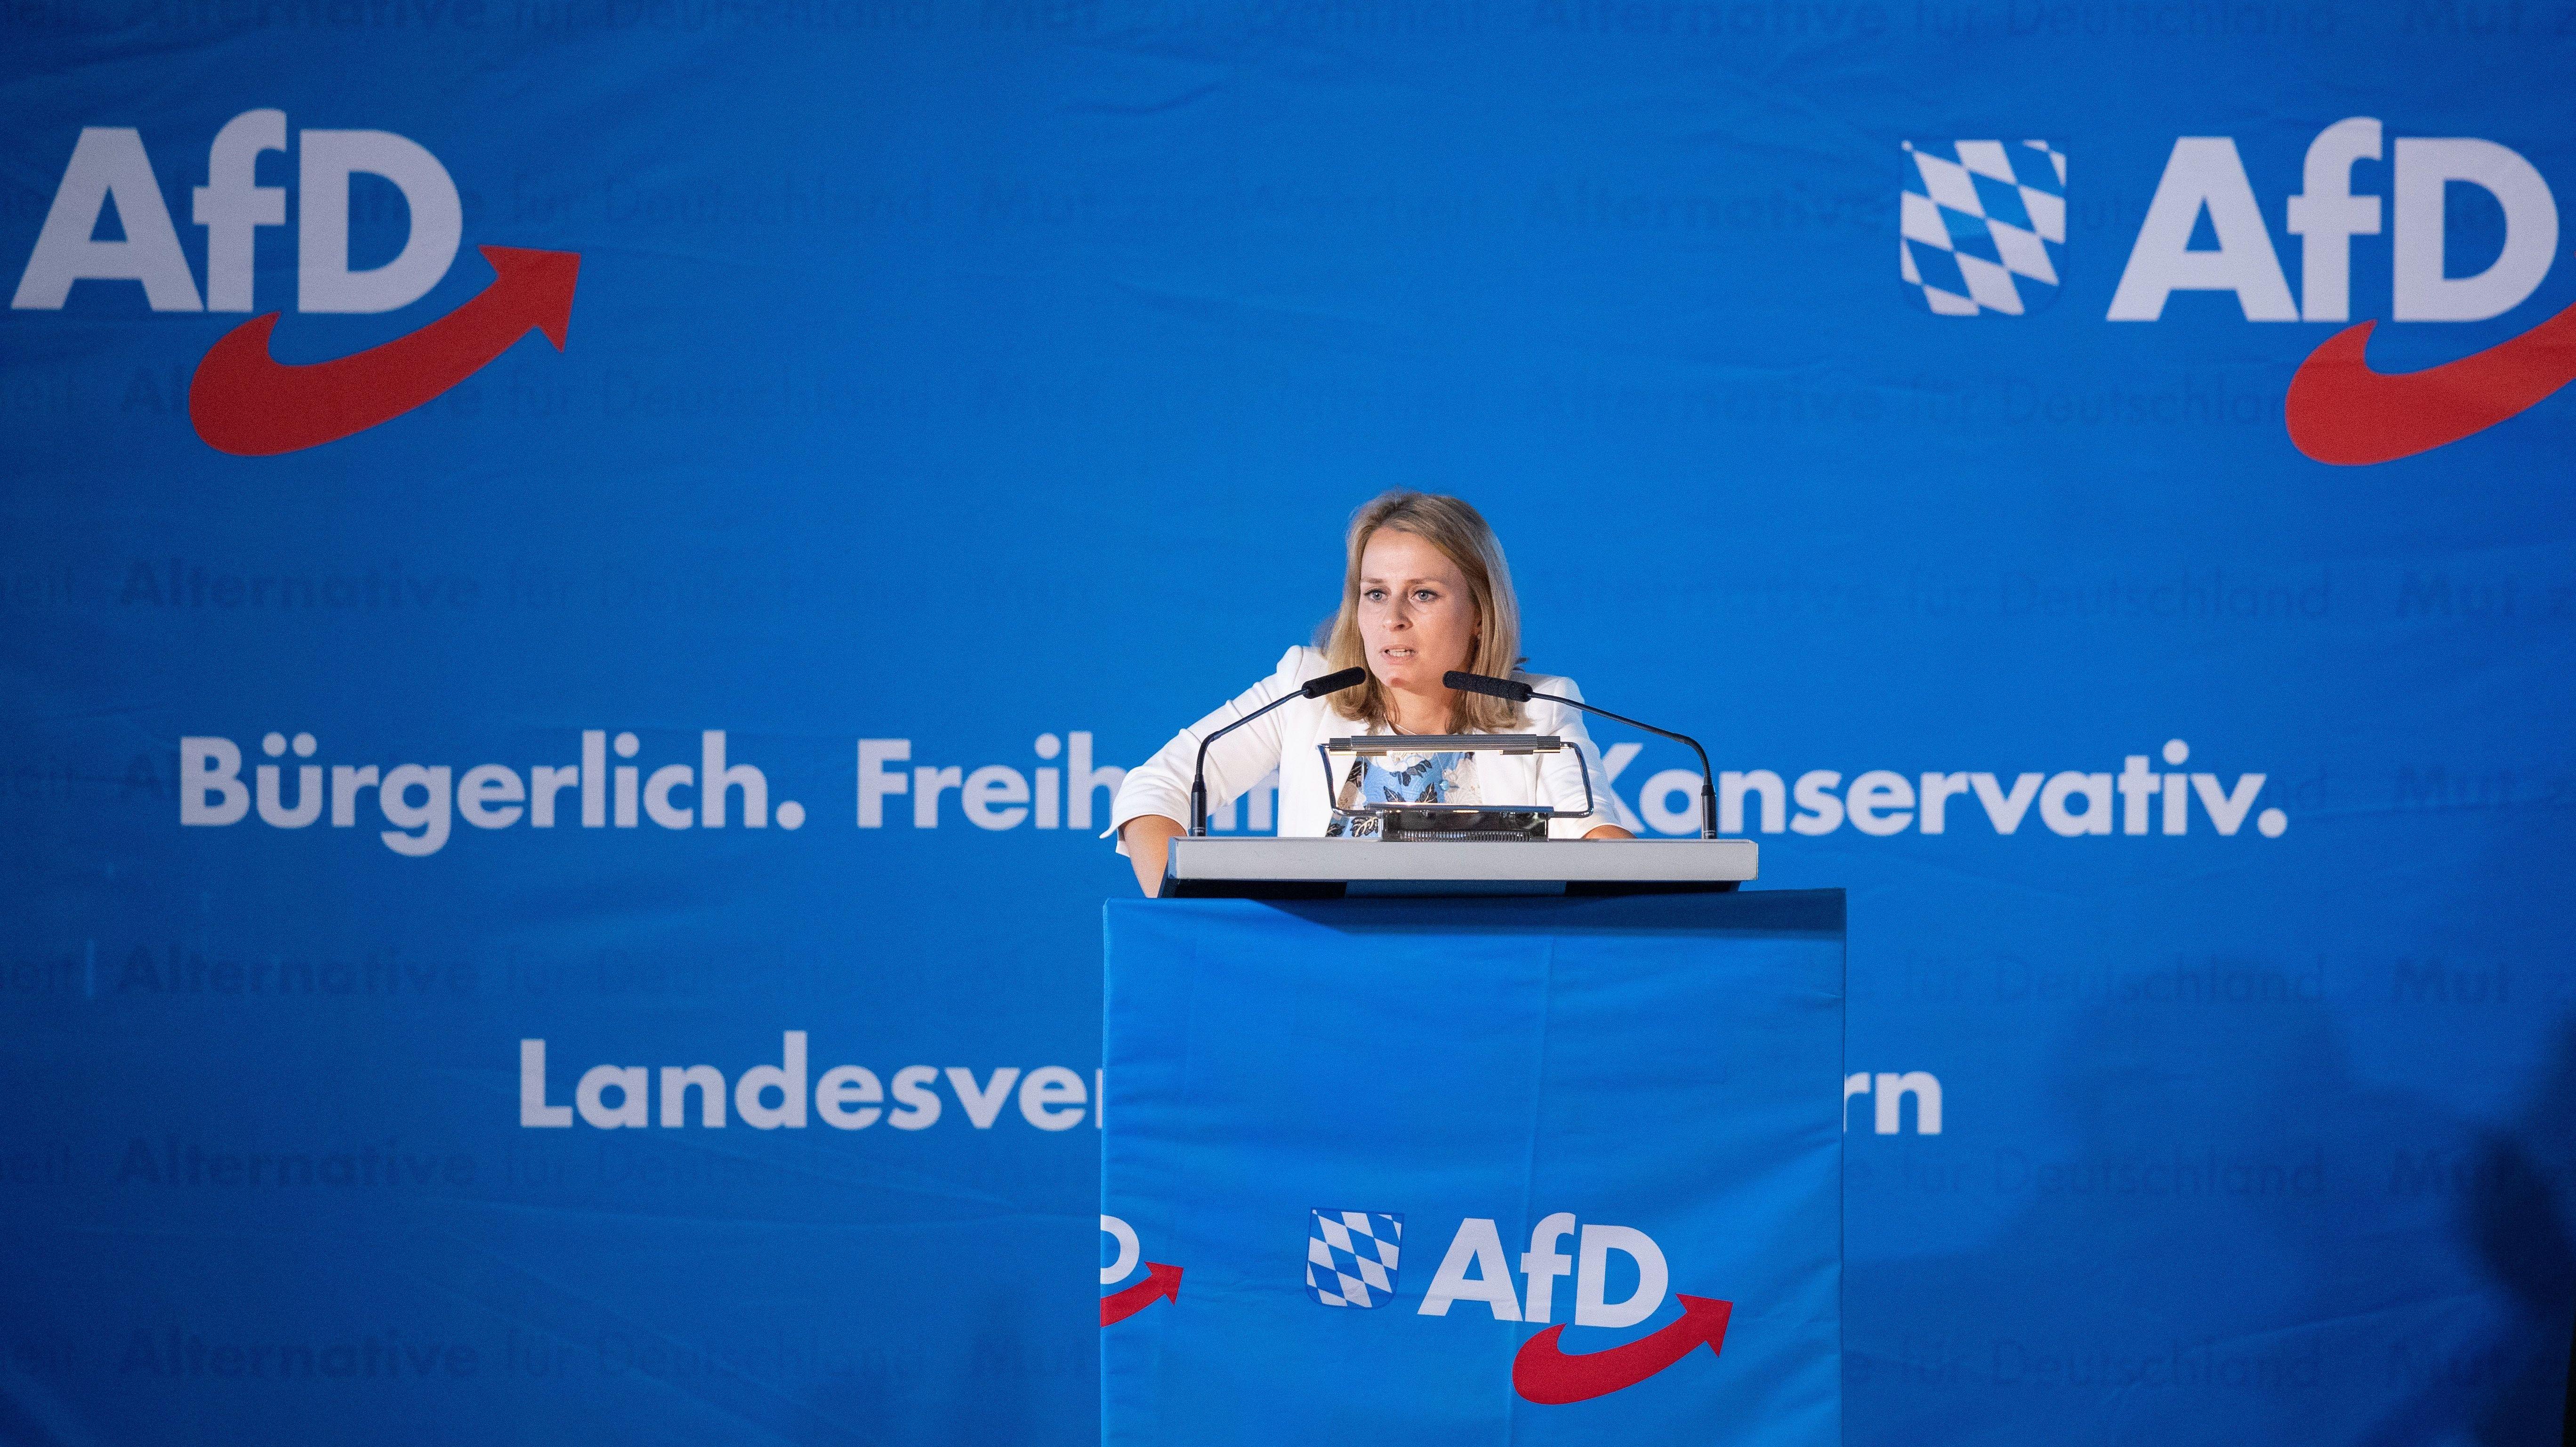 AfD-Parteitag: Selbstbeschäftigung statt politische Konzepte